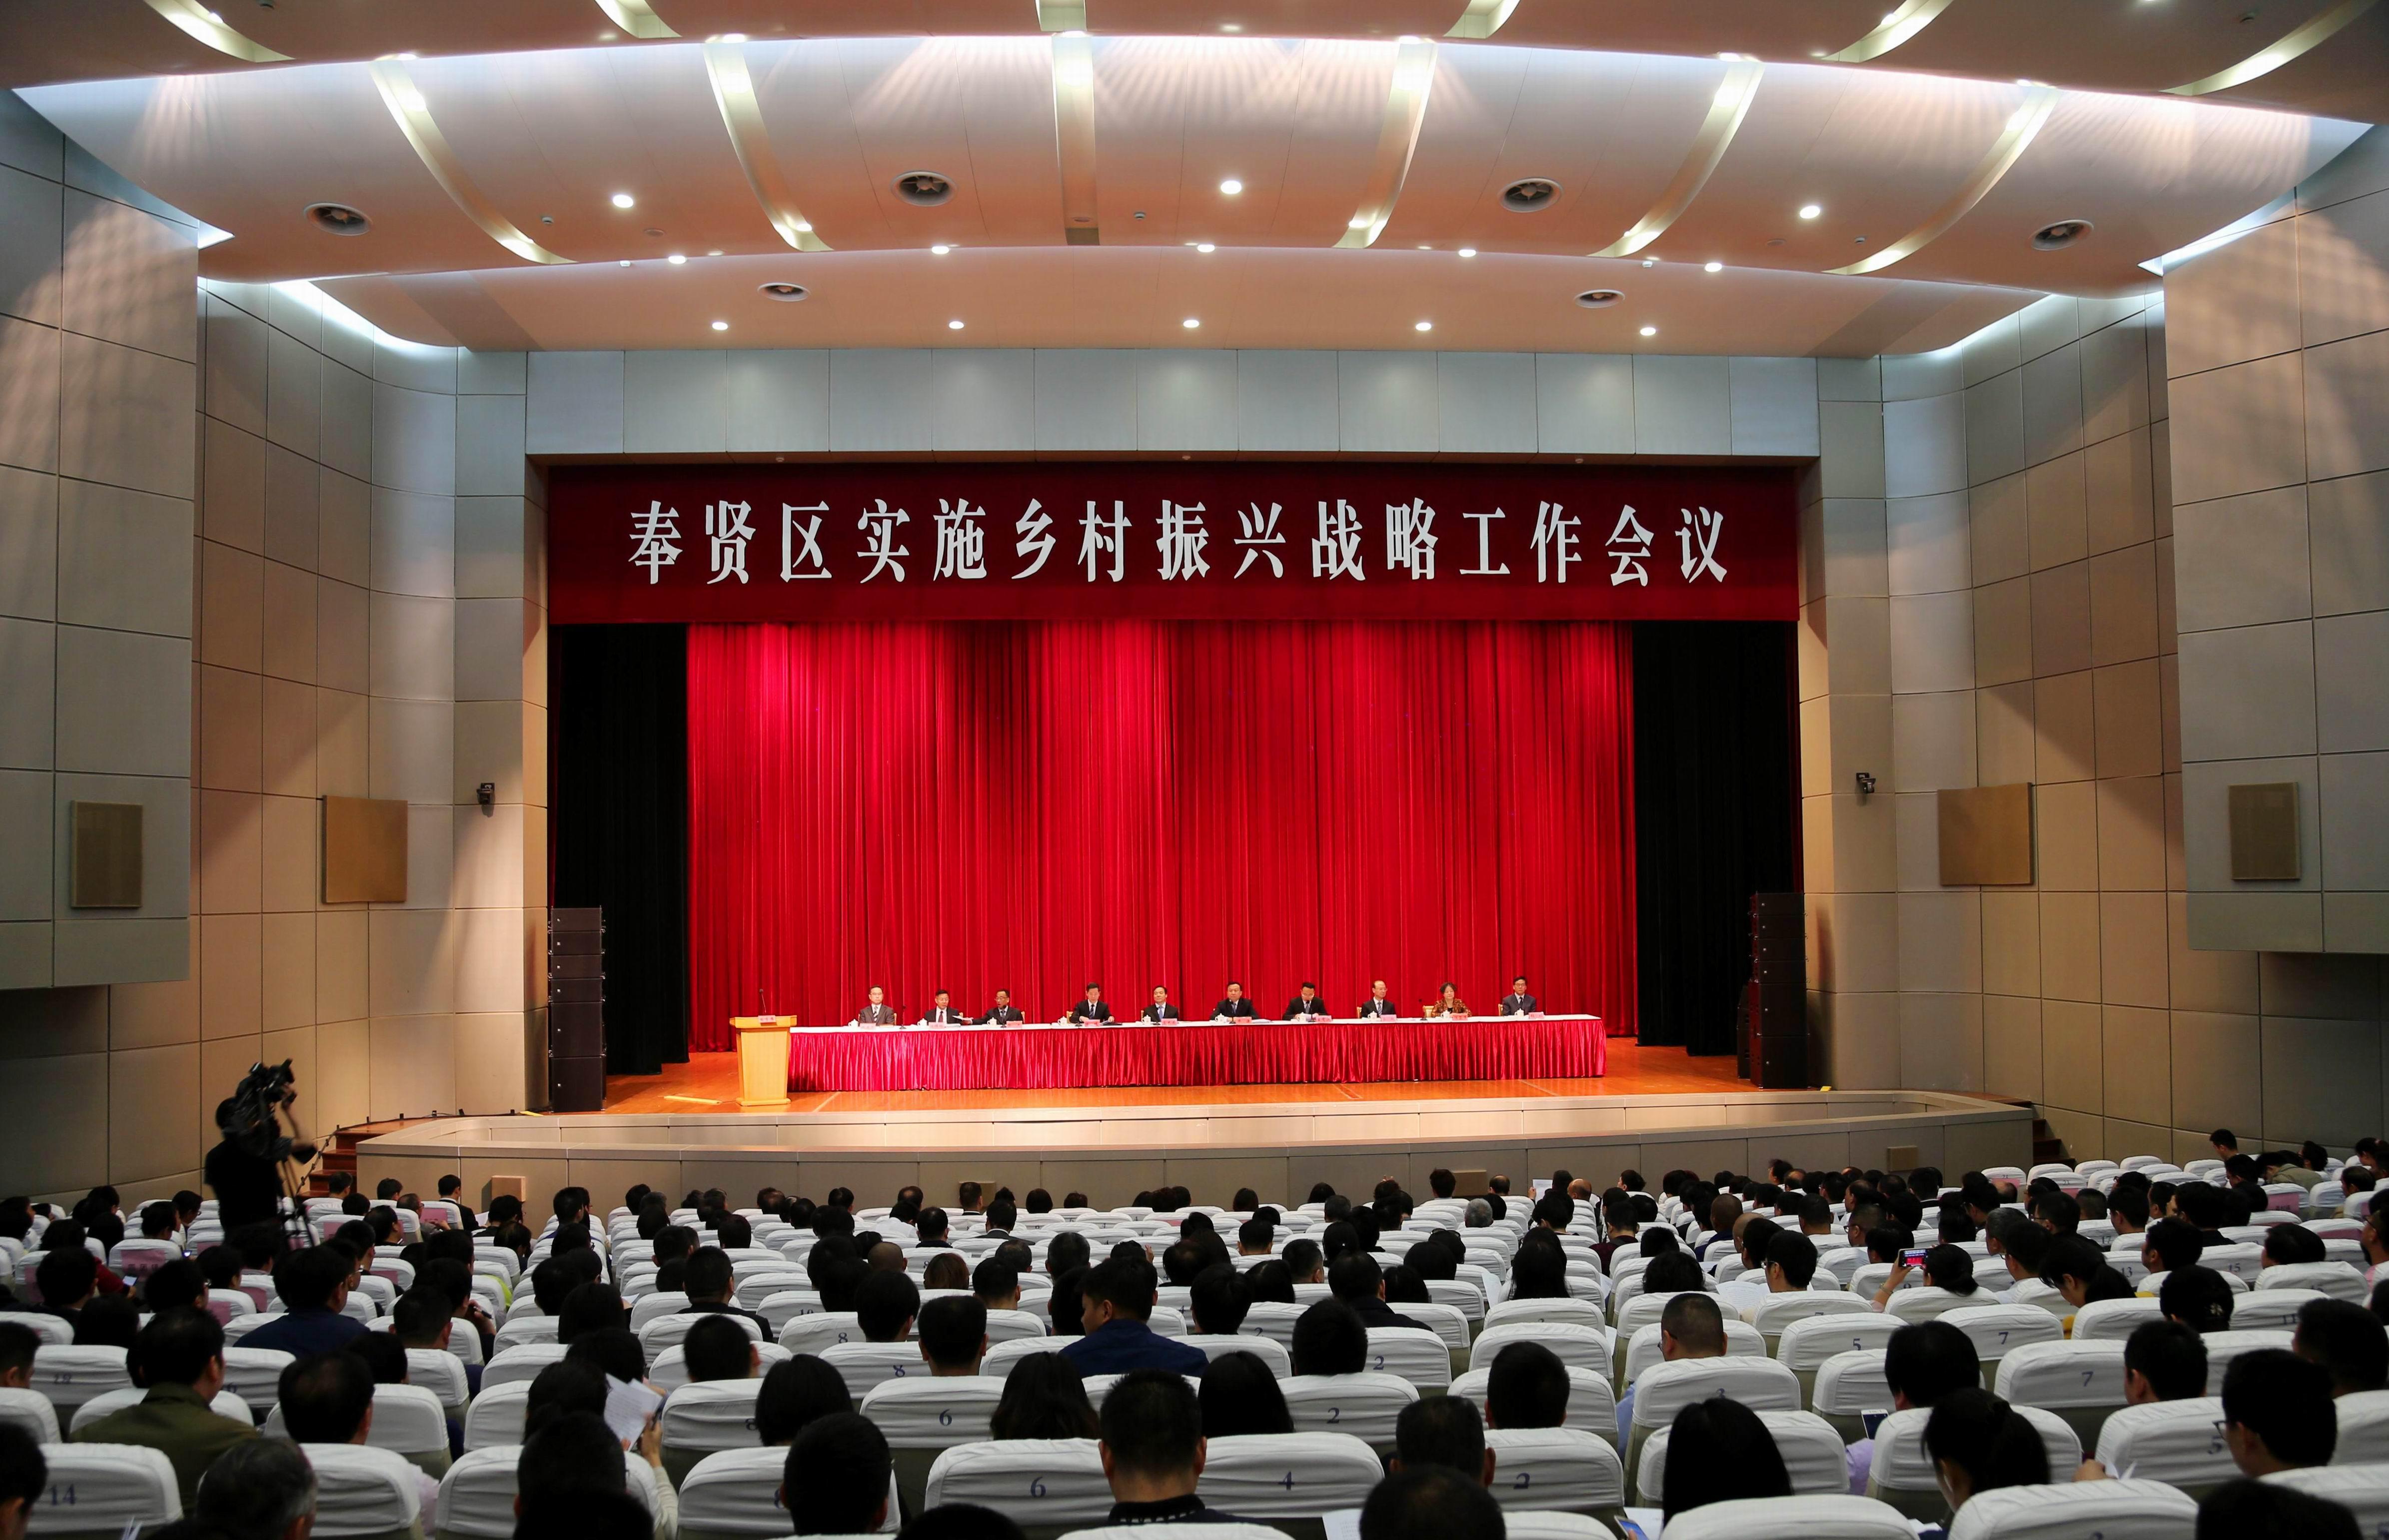 4月28日,奉贤区召开乡村振兴战略工作会议。鲍筱兰摄